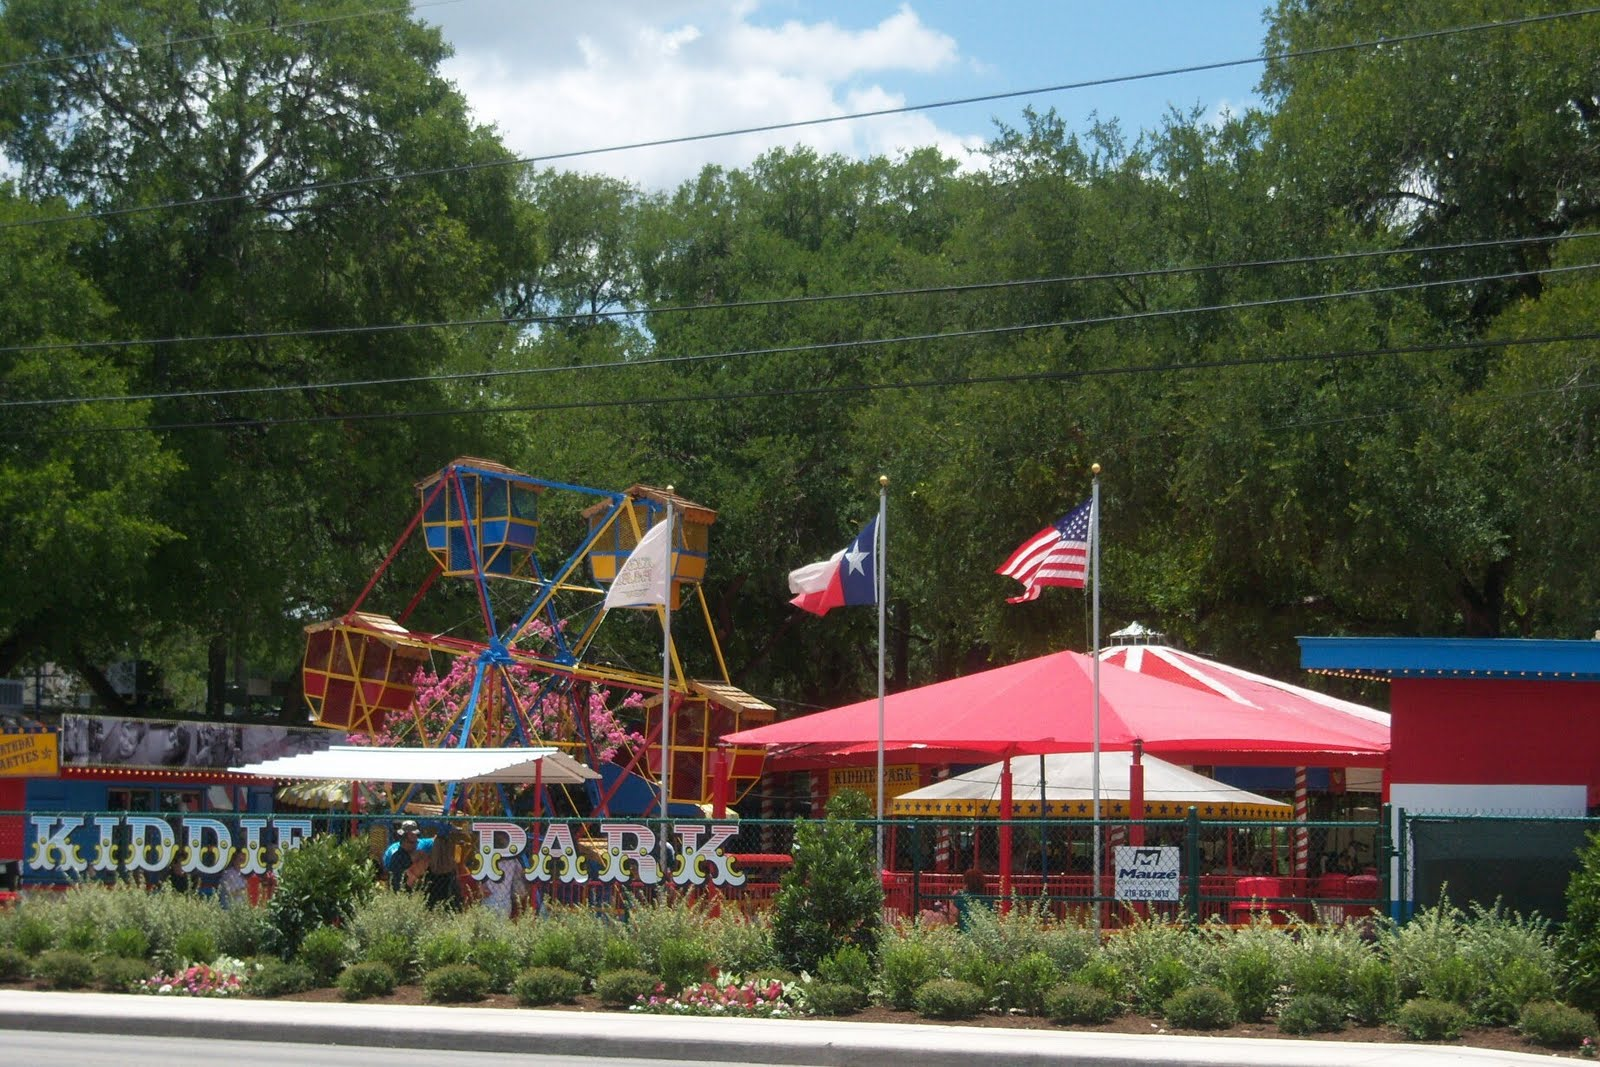 Rock Springs Park Kiddie Park